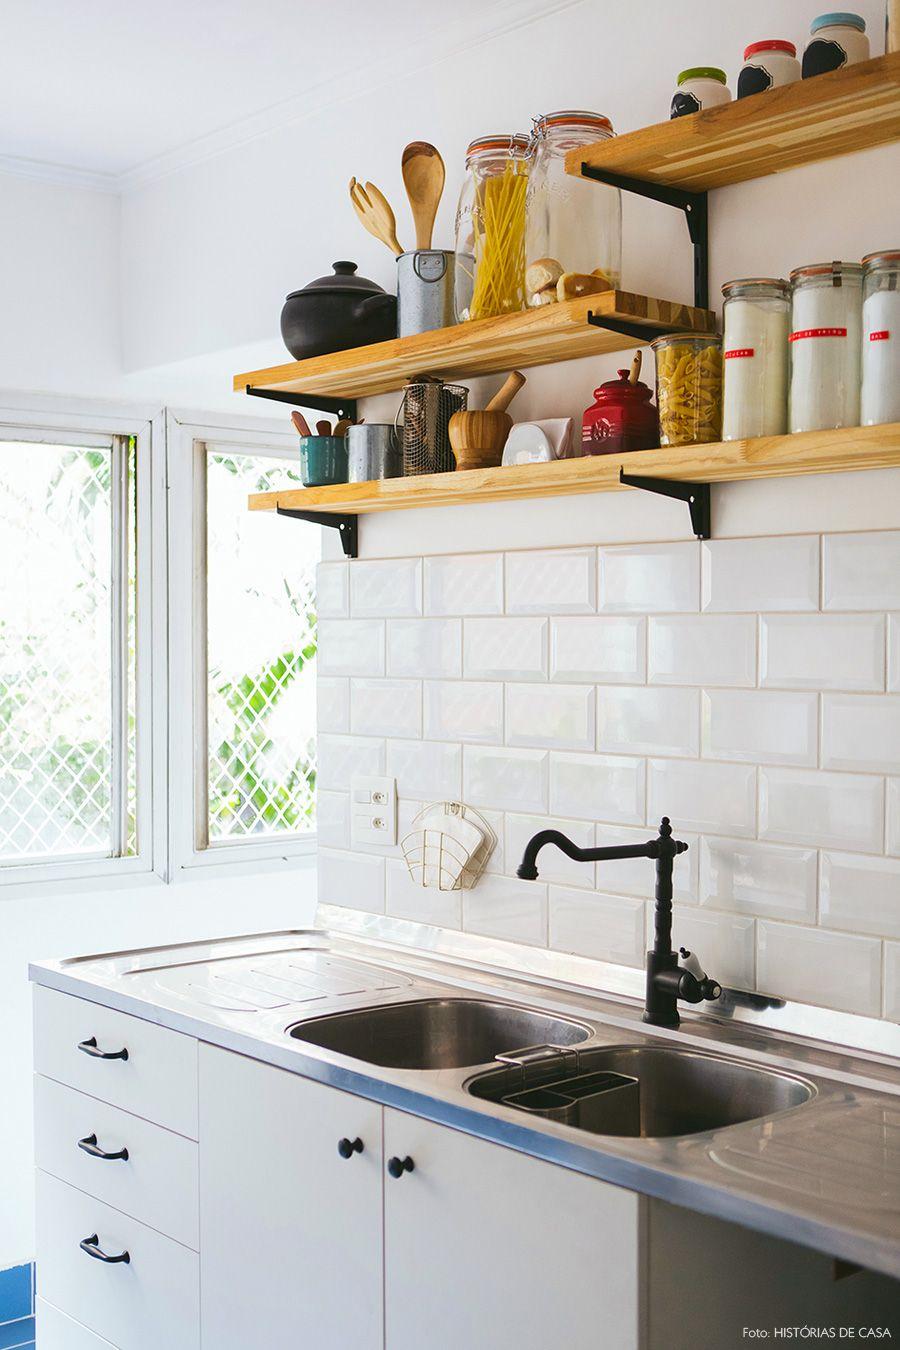 Dicas De Organiza O Para Ap S Pequenos Kitchens Decoration And